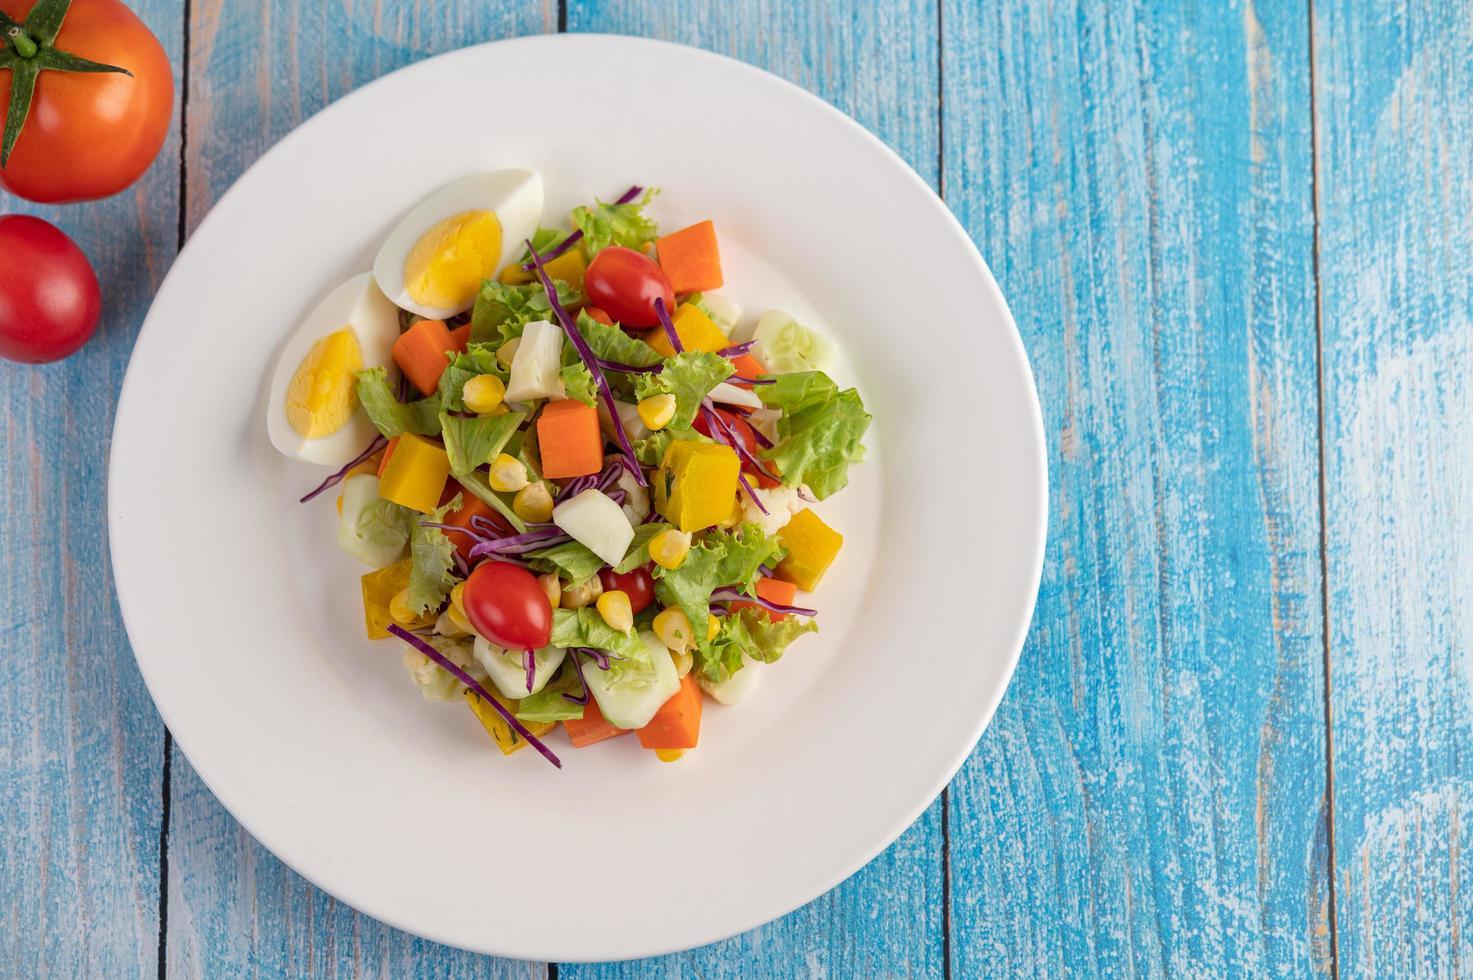 Ensalada fresca en un plato blanco con un sándwich y tomates foto